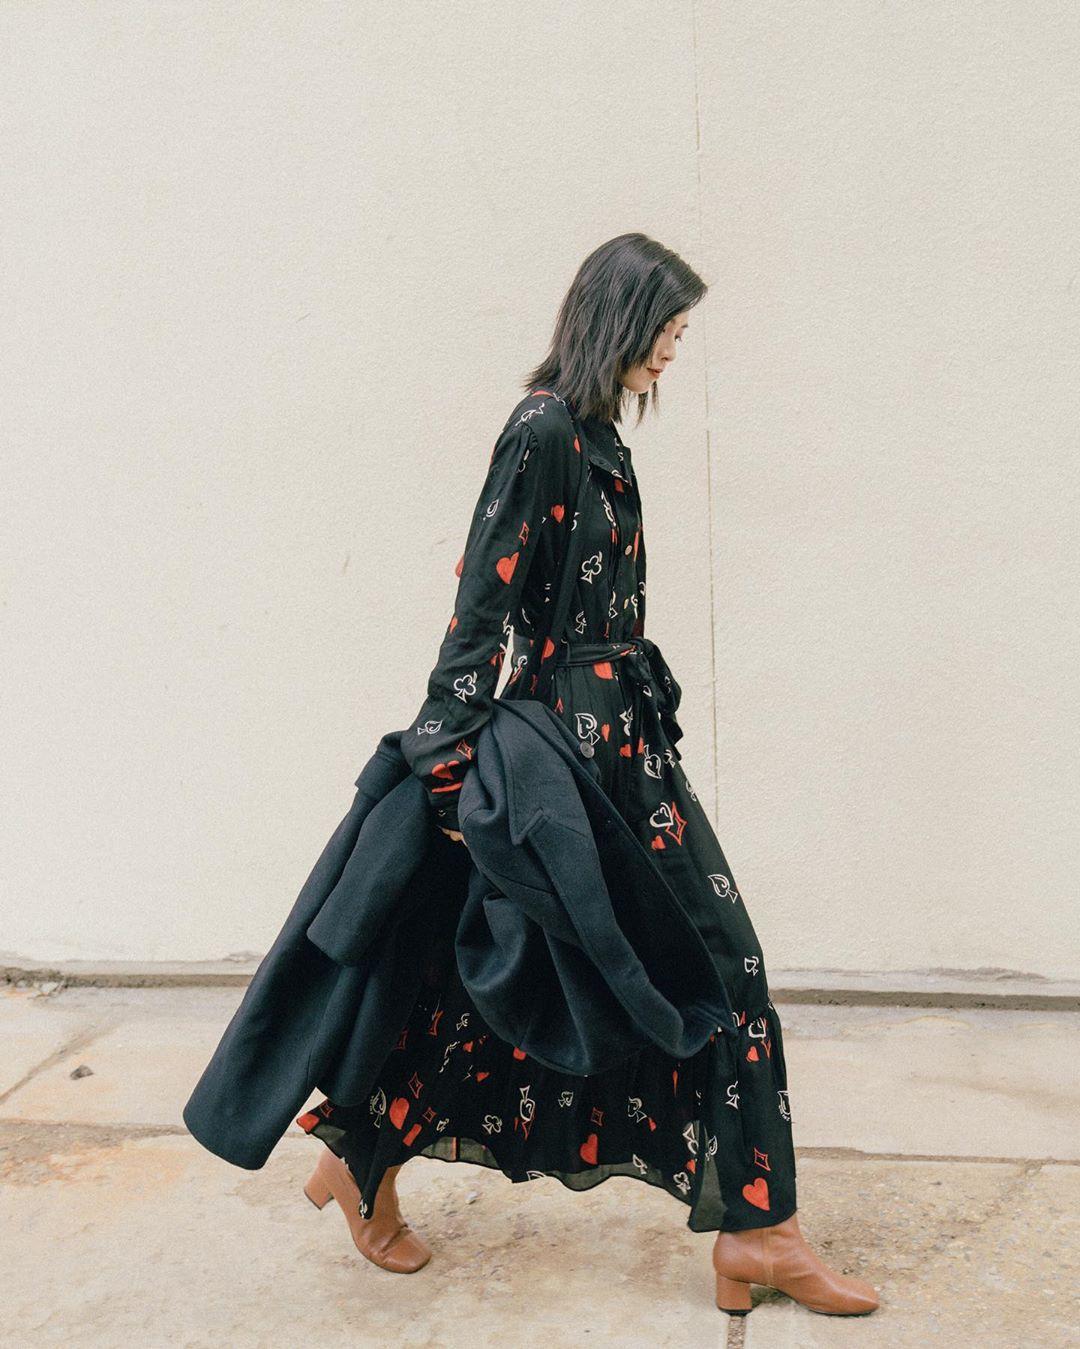 Bỗng thấy không kiểu váy nào vượt qua được váy dáng dài về độ sang chảnh, yêu kiều và hợp rơ với tiết trời se lạnh - Ảnh 9